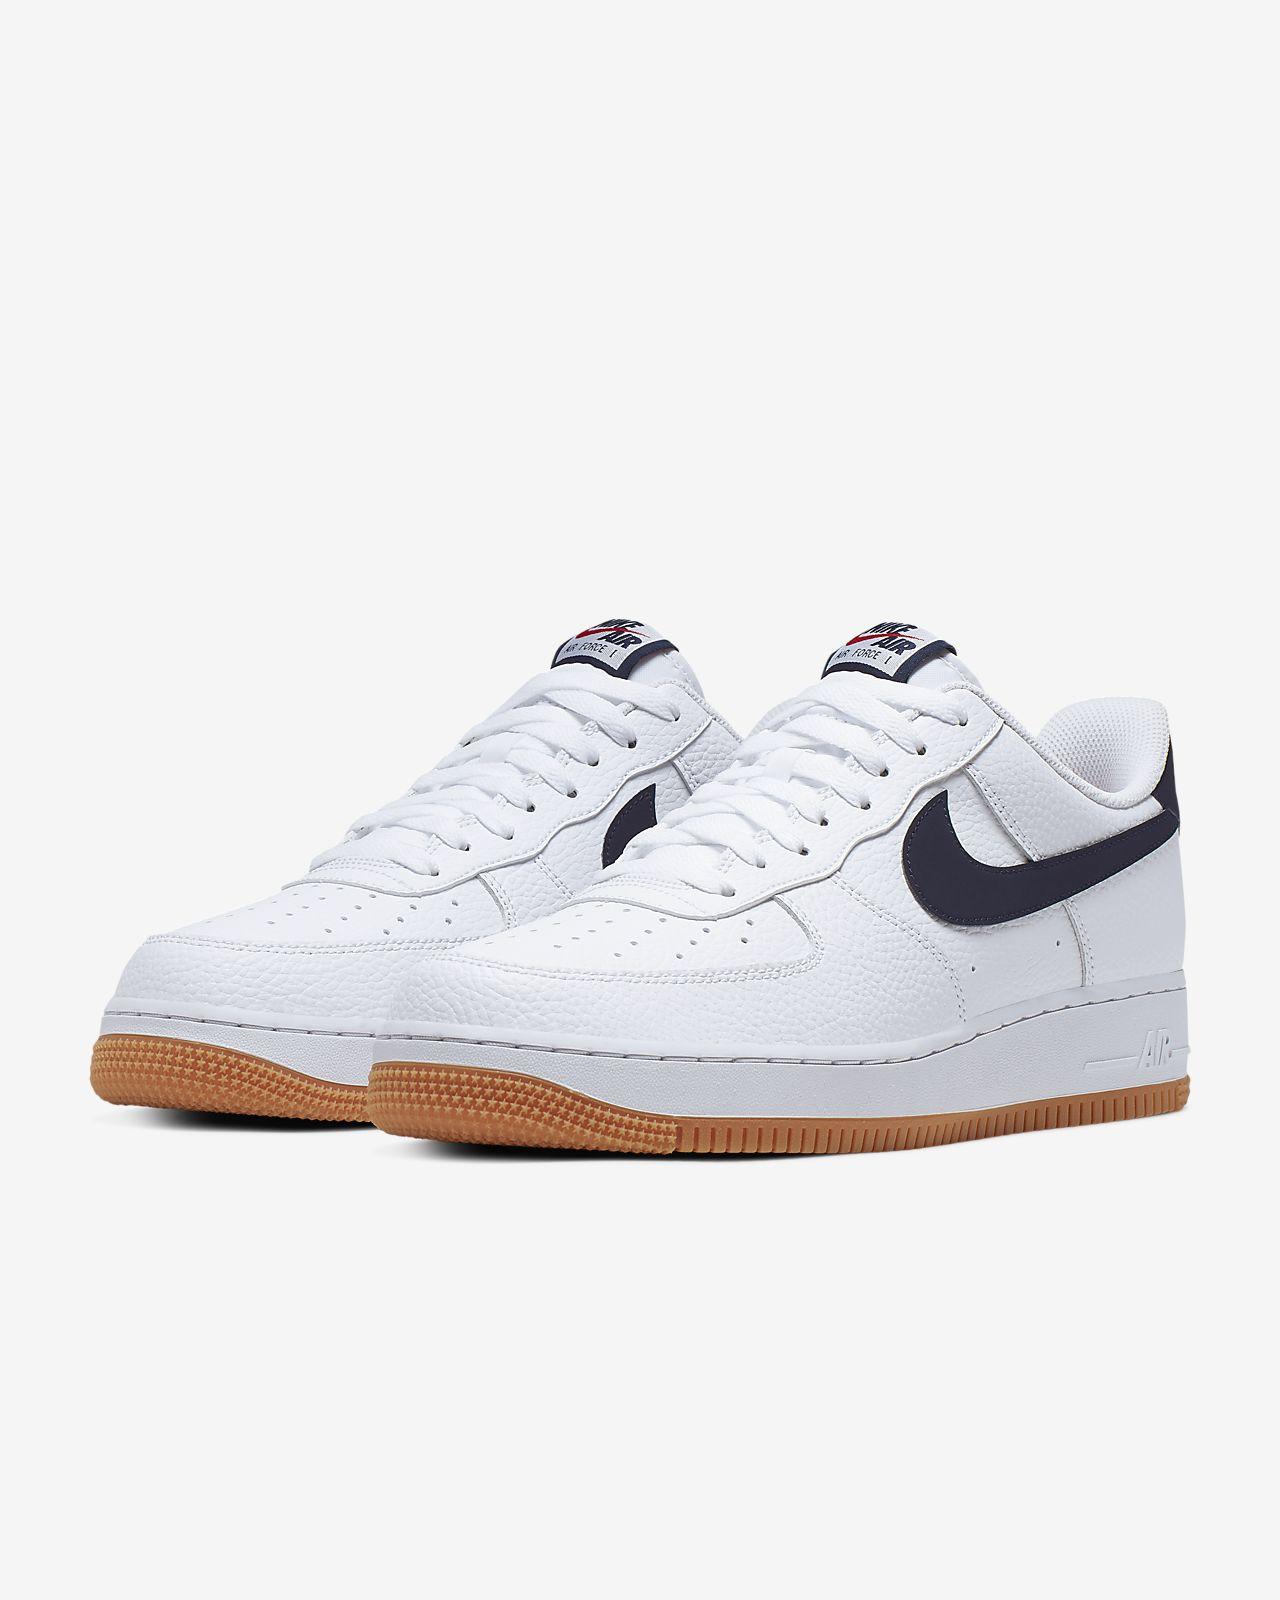 pas cher pour réduction 94dfe c6289 Nike Air Force 1 Men's Shoe